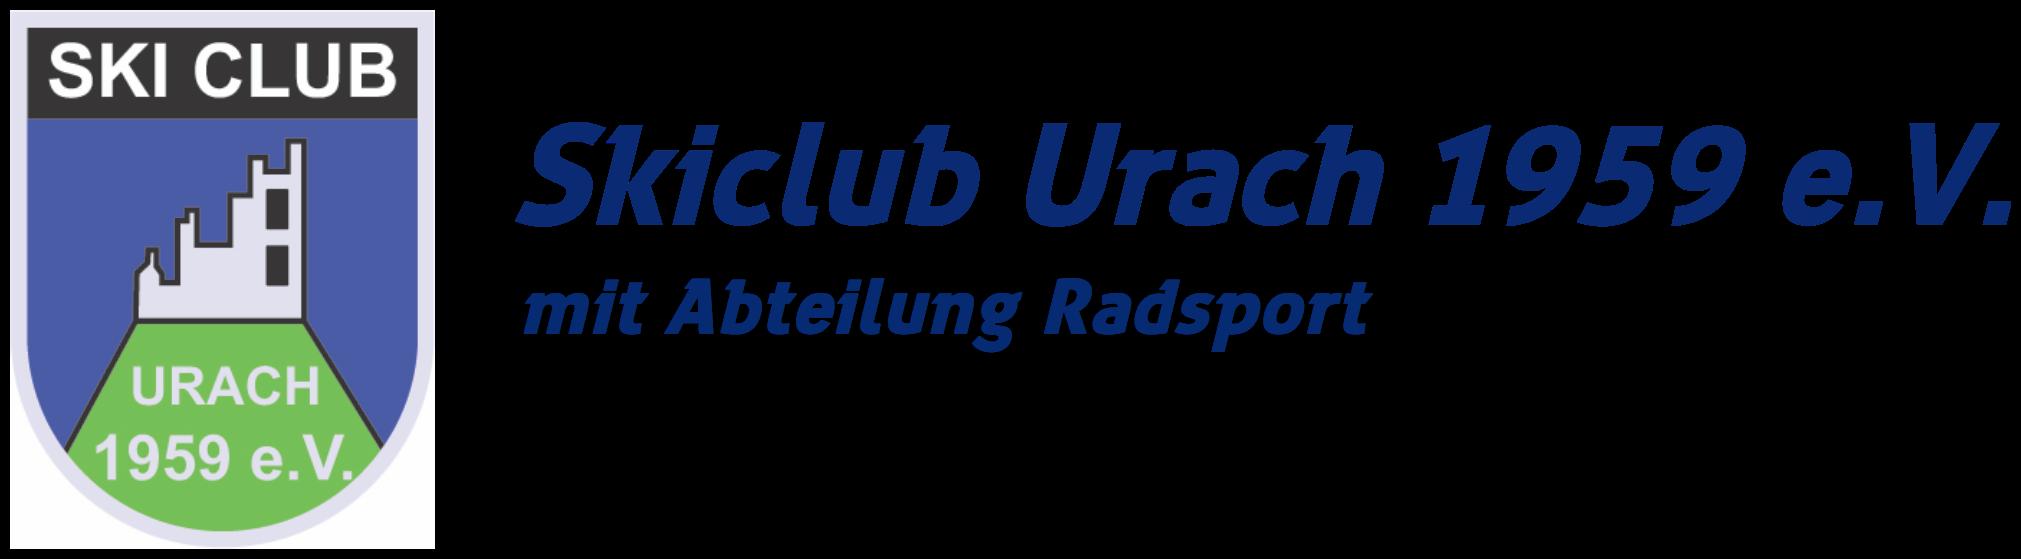 Skiclub Urach im Schwarzwald